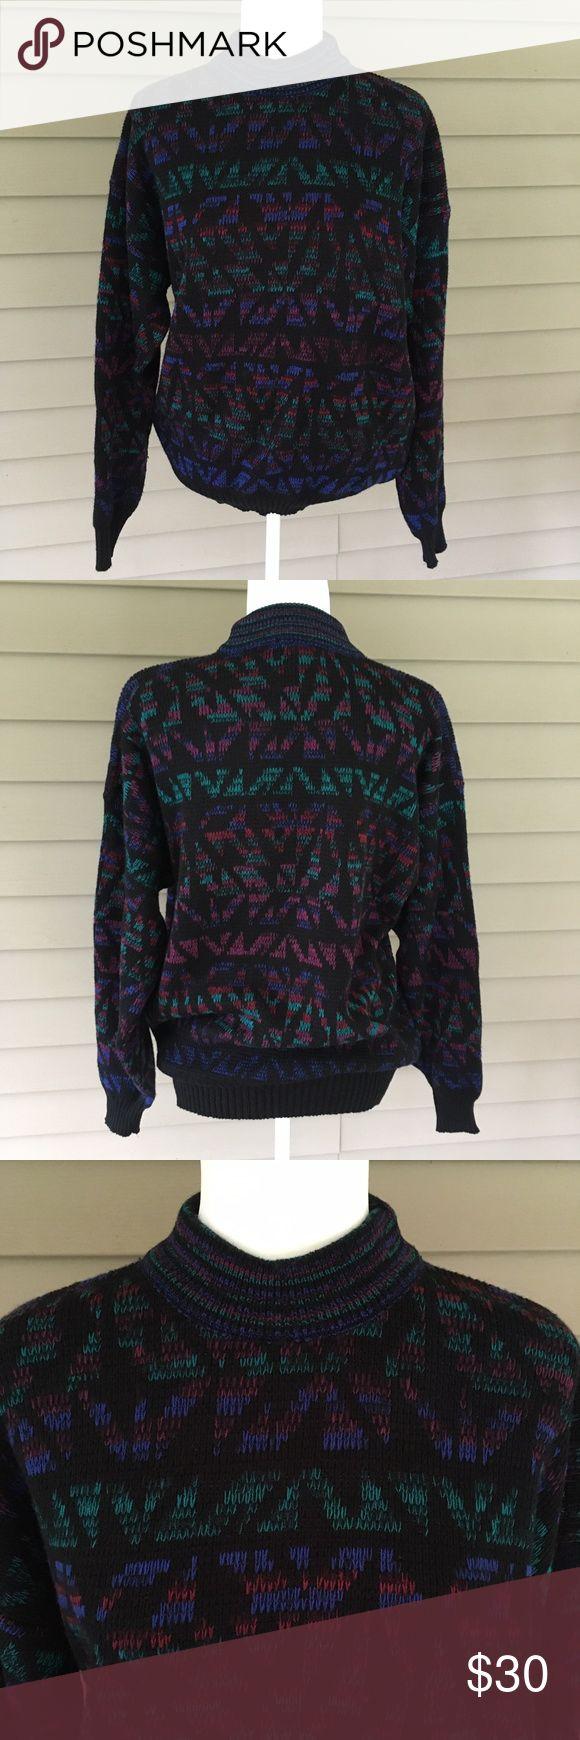 Vintage Botany 500 Mock Neck Knit Ski Sweater Good pre-owned vintage condition -…